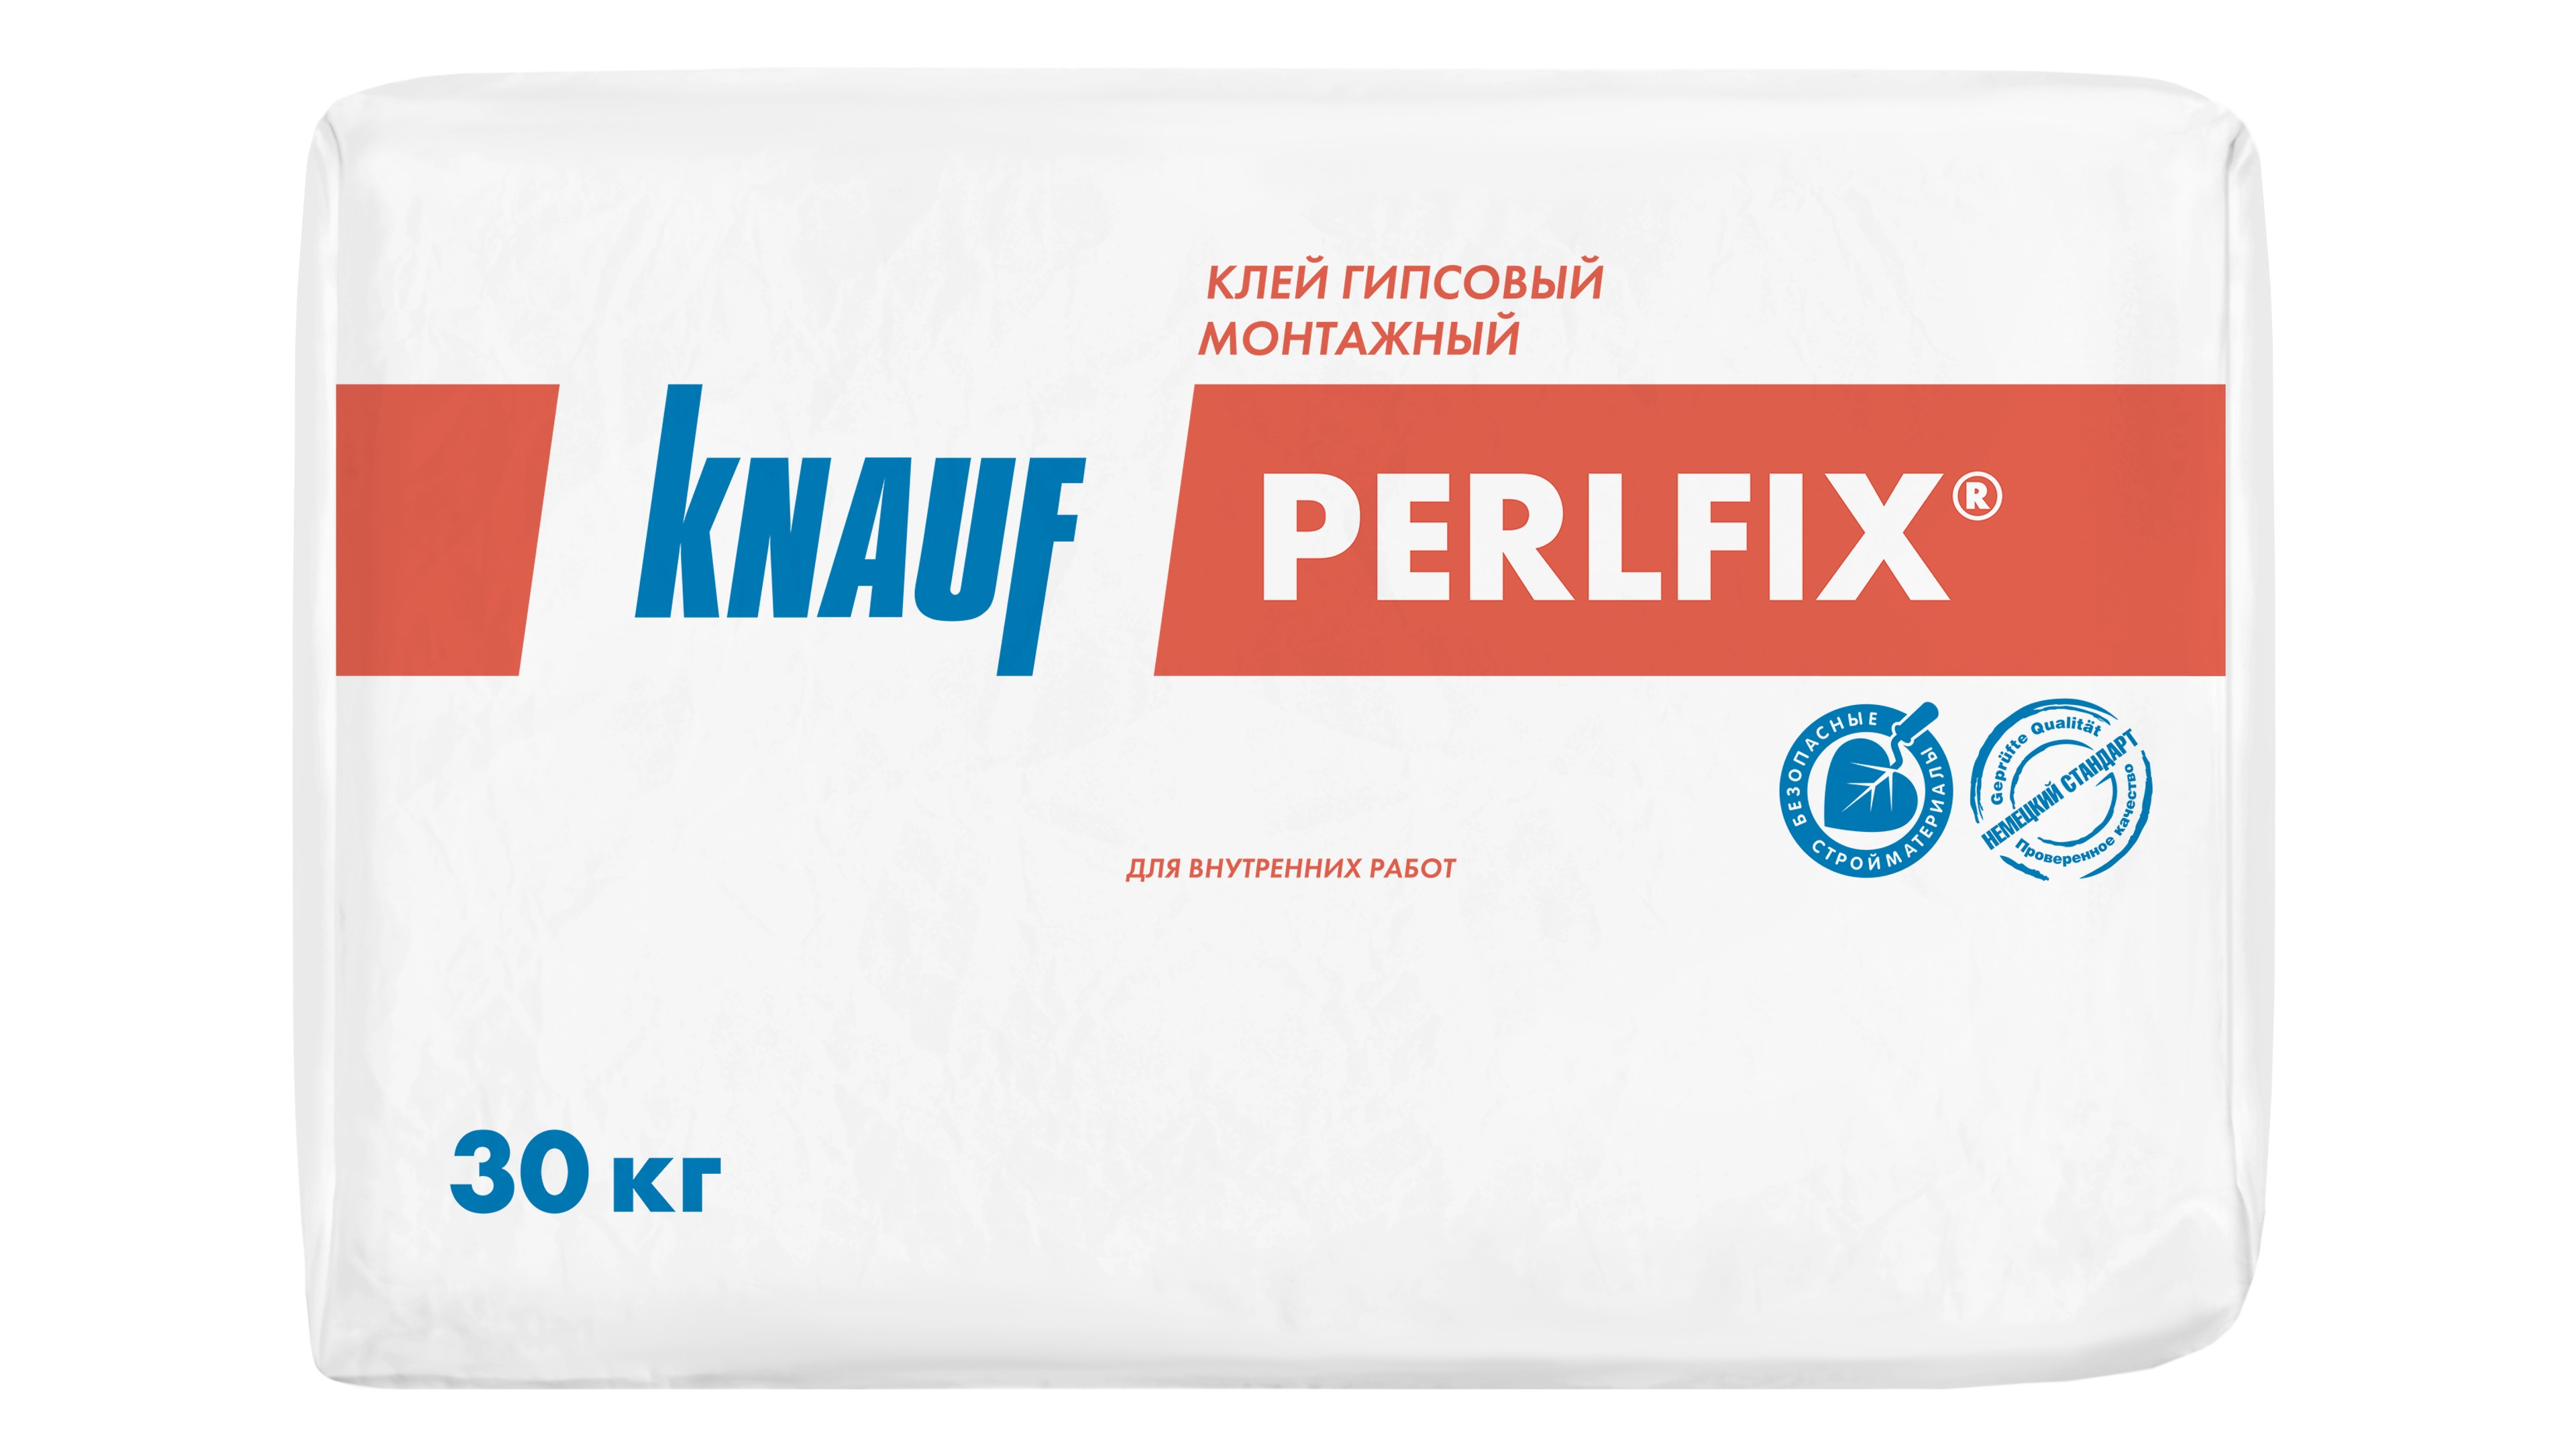 Купить со скидкой Клей КНАУФ-Перлфикс  30кг